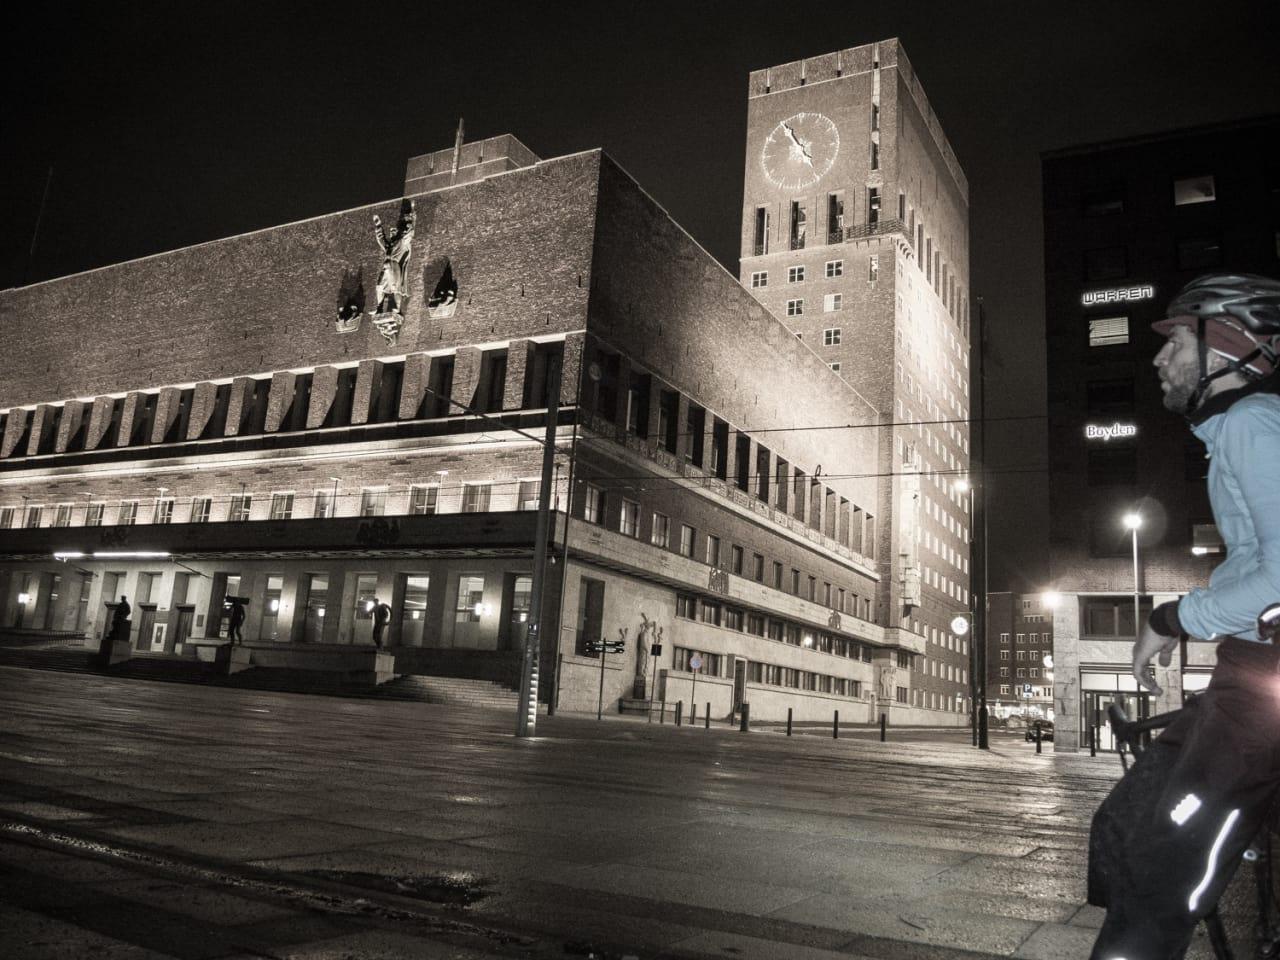 STILLE: Oslo begynner på mange måter å ligne en internasjonal storby, men foran rådhuset var det stille sist natt.